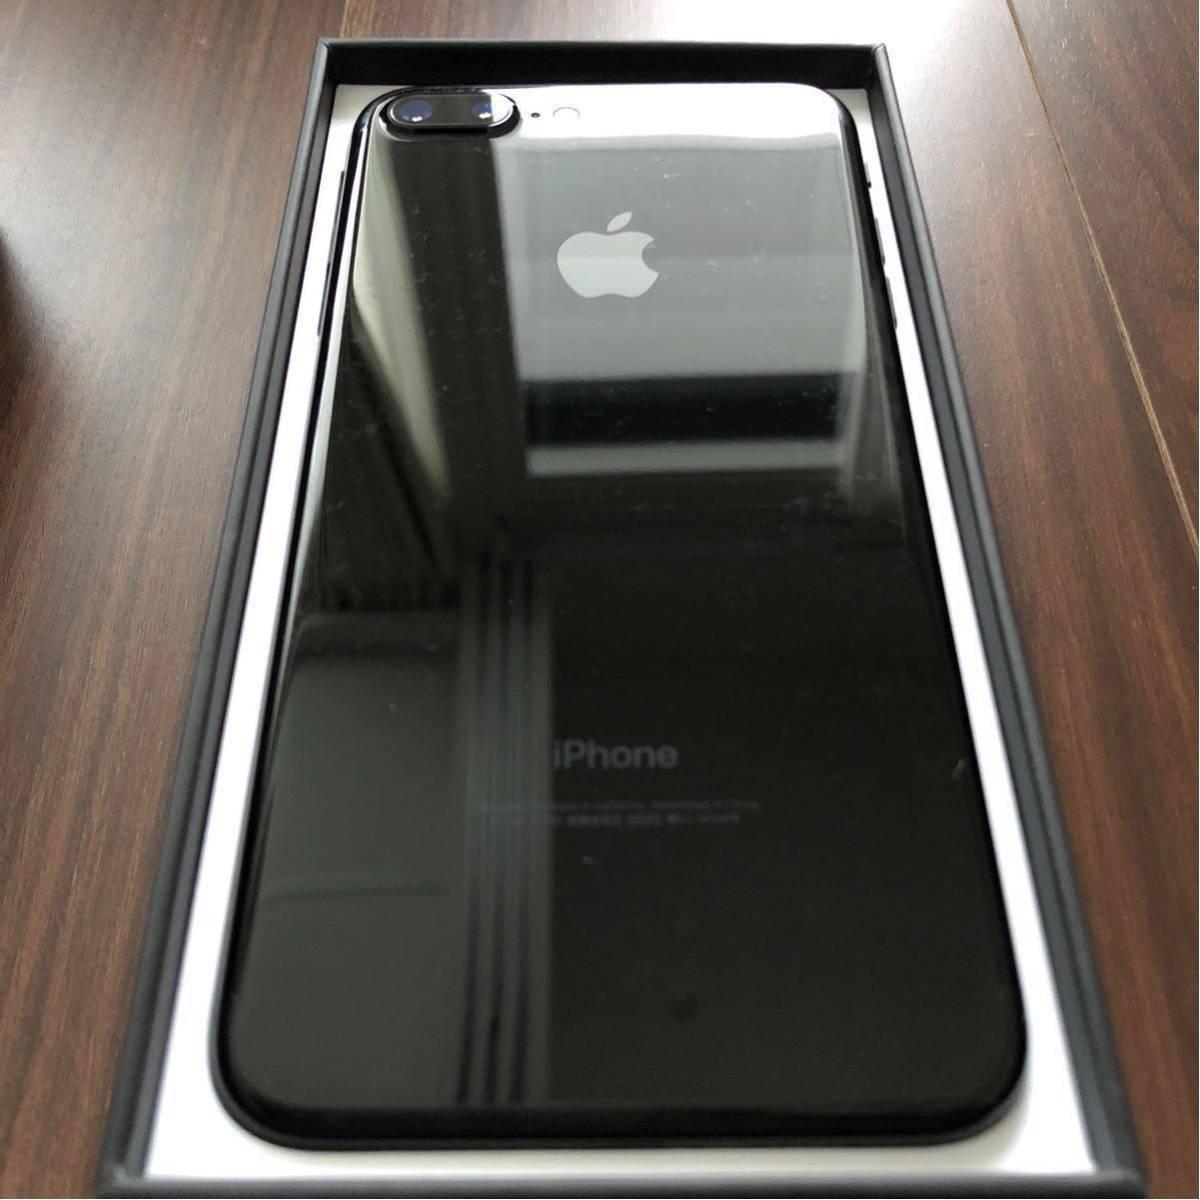 【付属品新品完備】iPhone7 Plus 128G ジェットブラック 送料無料【SIMフリー】_画像5